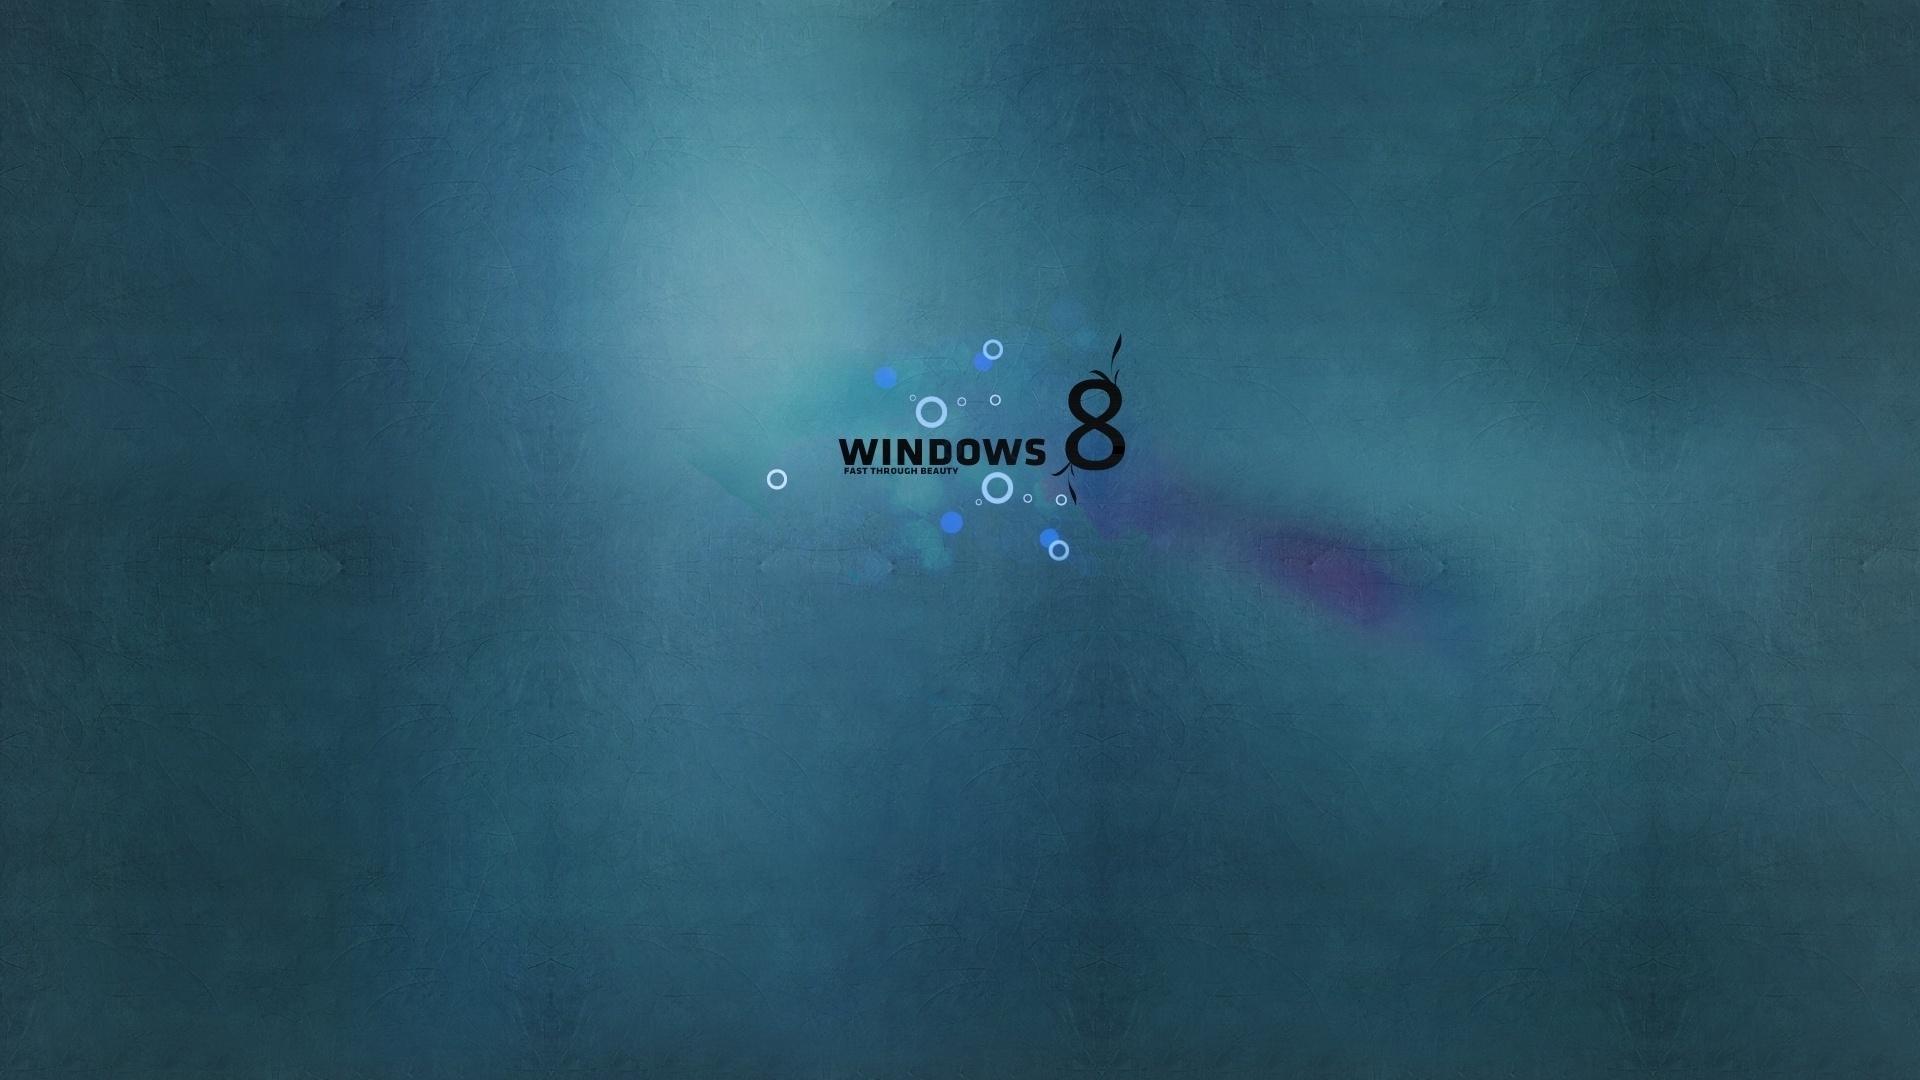 Widescreen HD Windows 10 Wallpaper